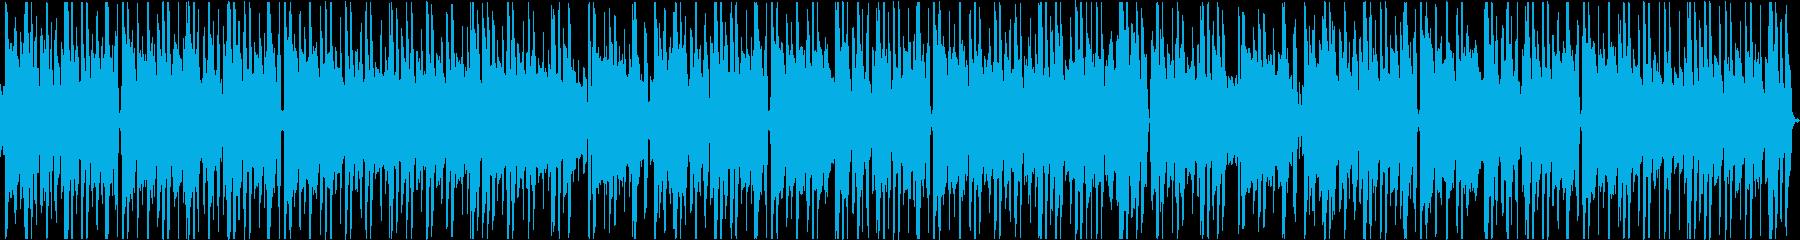 チルなギターの大人なネオソウルトラックの再生済みの波形